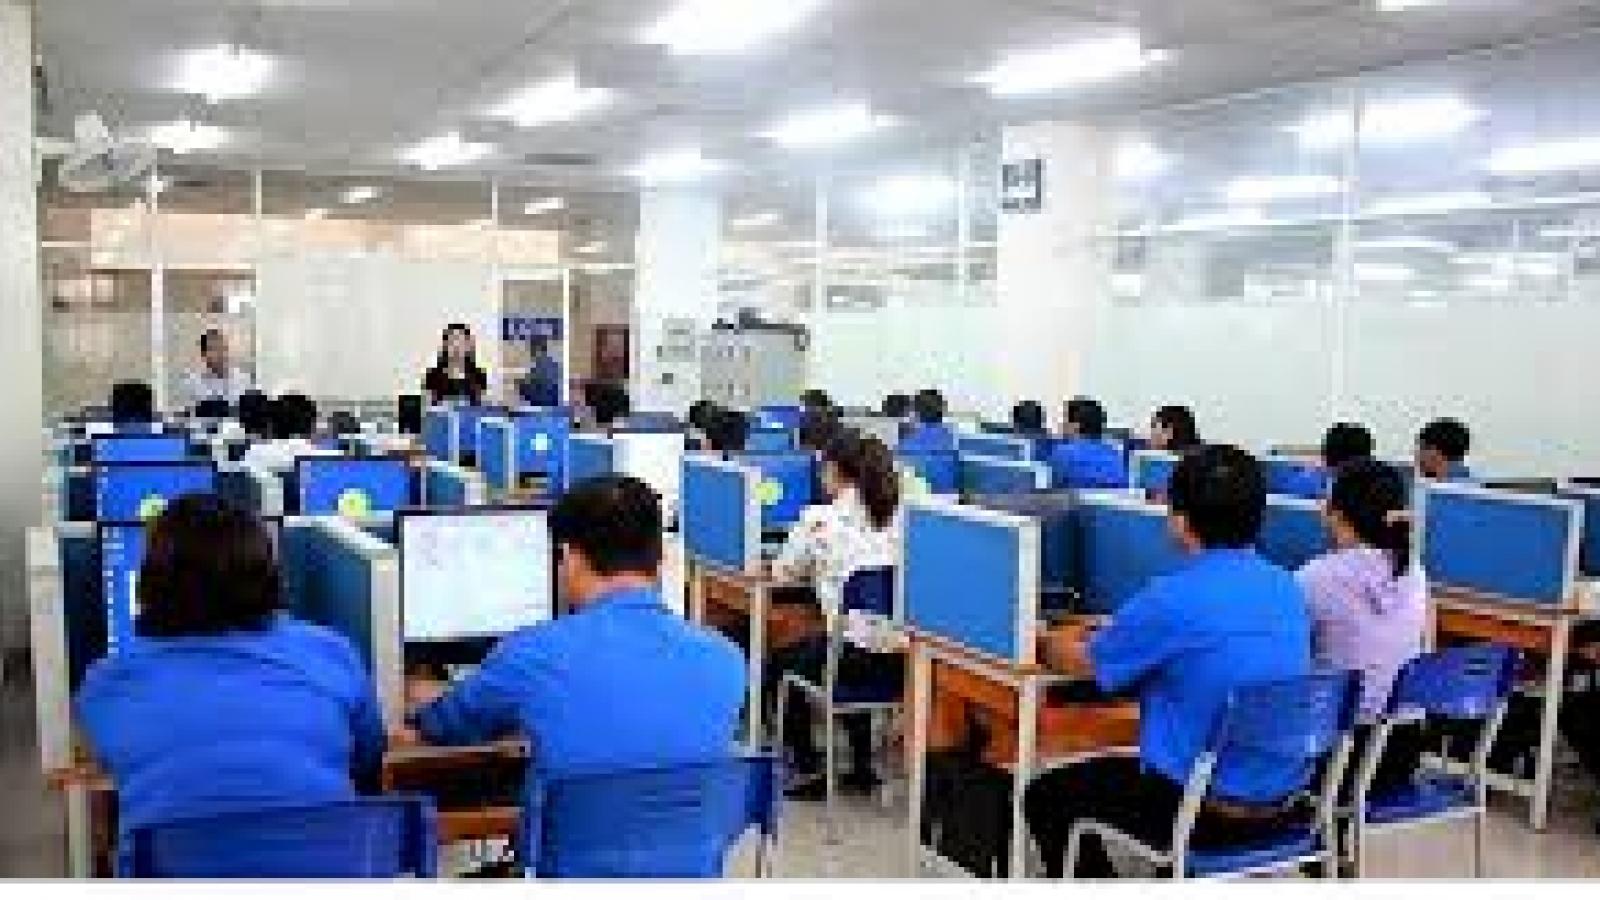 Danh sách các trường Đại học được phép tổ chức thi chứng chỉ ngoại ngữ 6 bậc